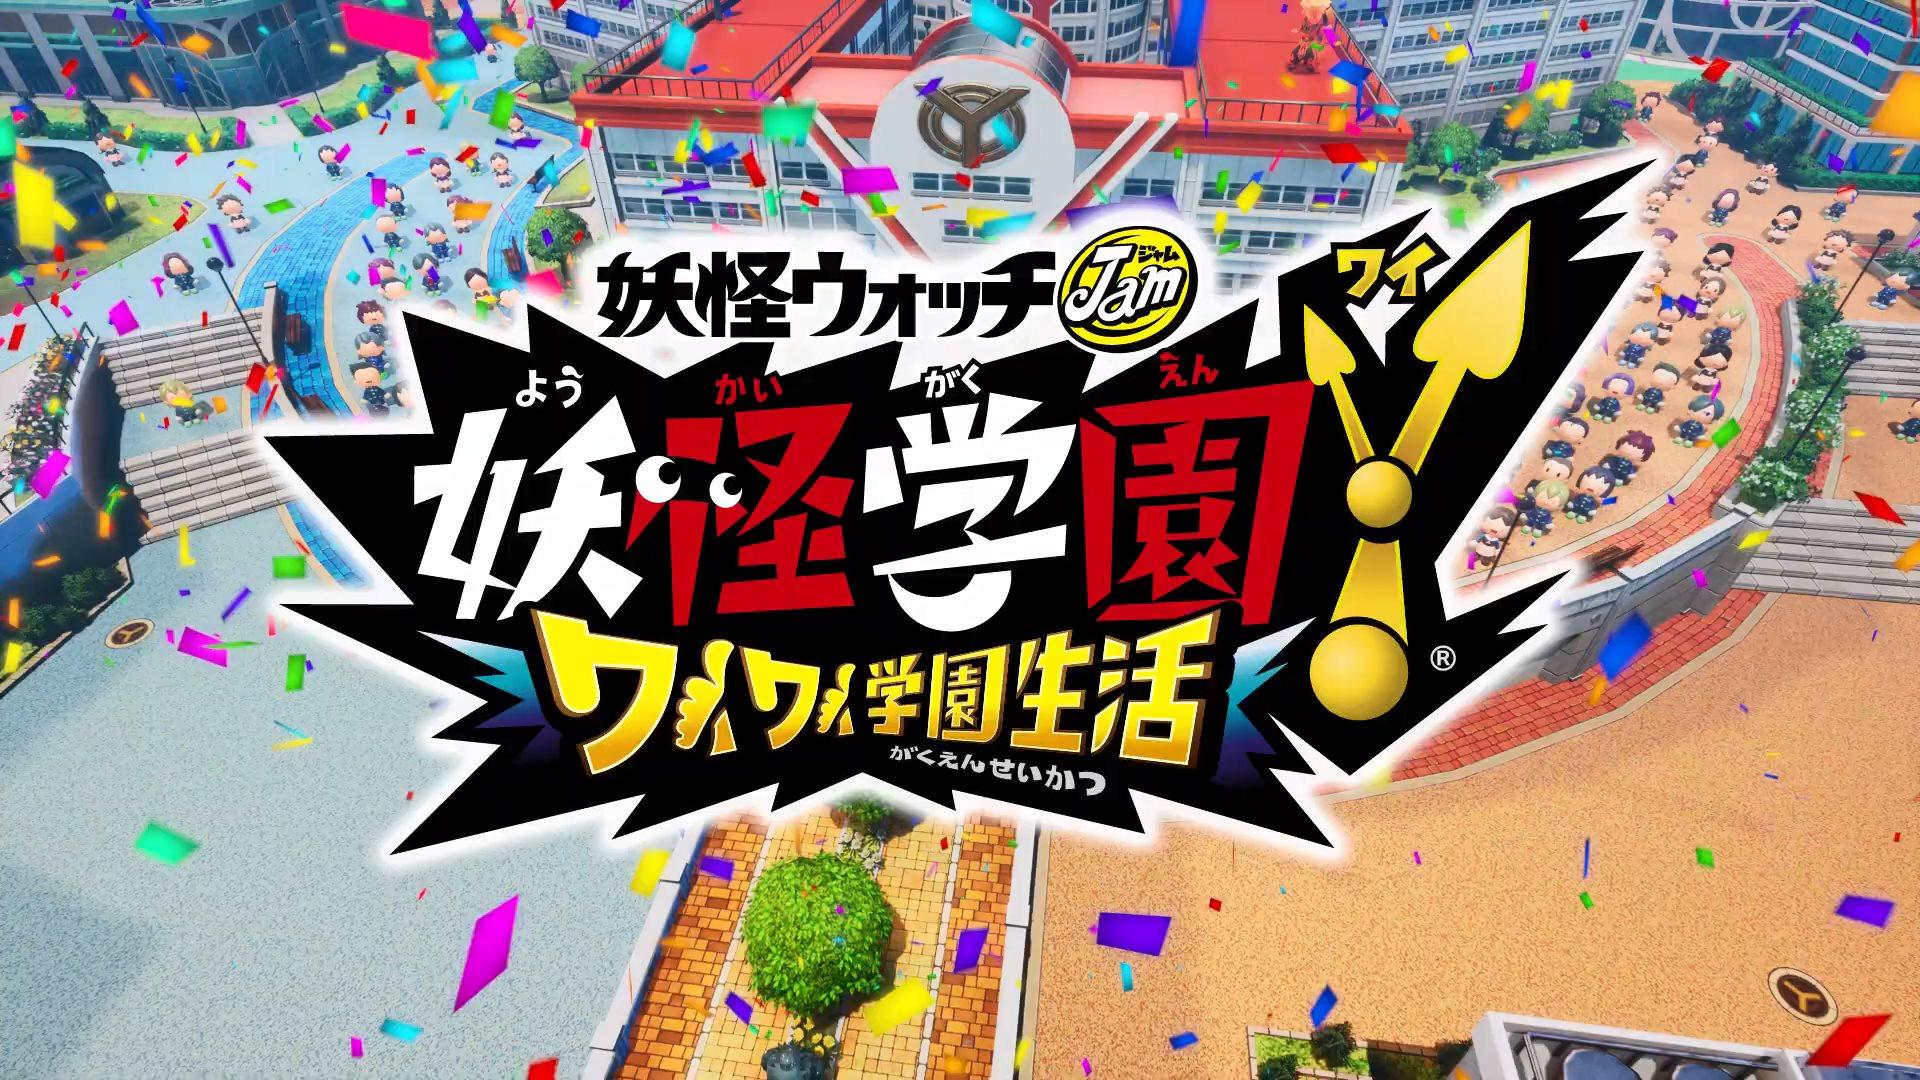 《妖怪学园Y》登陆Switch发售 更新以及DLC计划公开